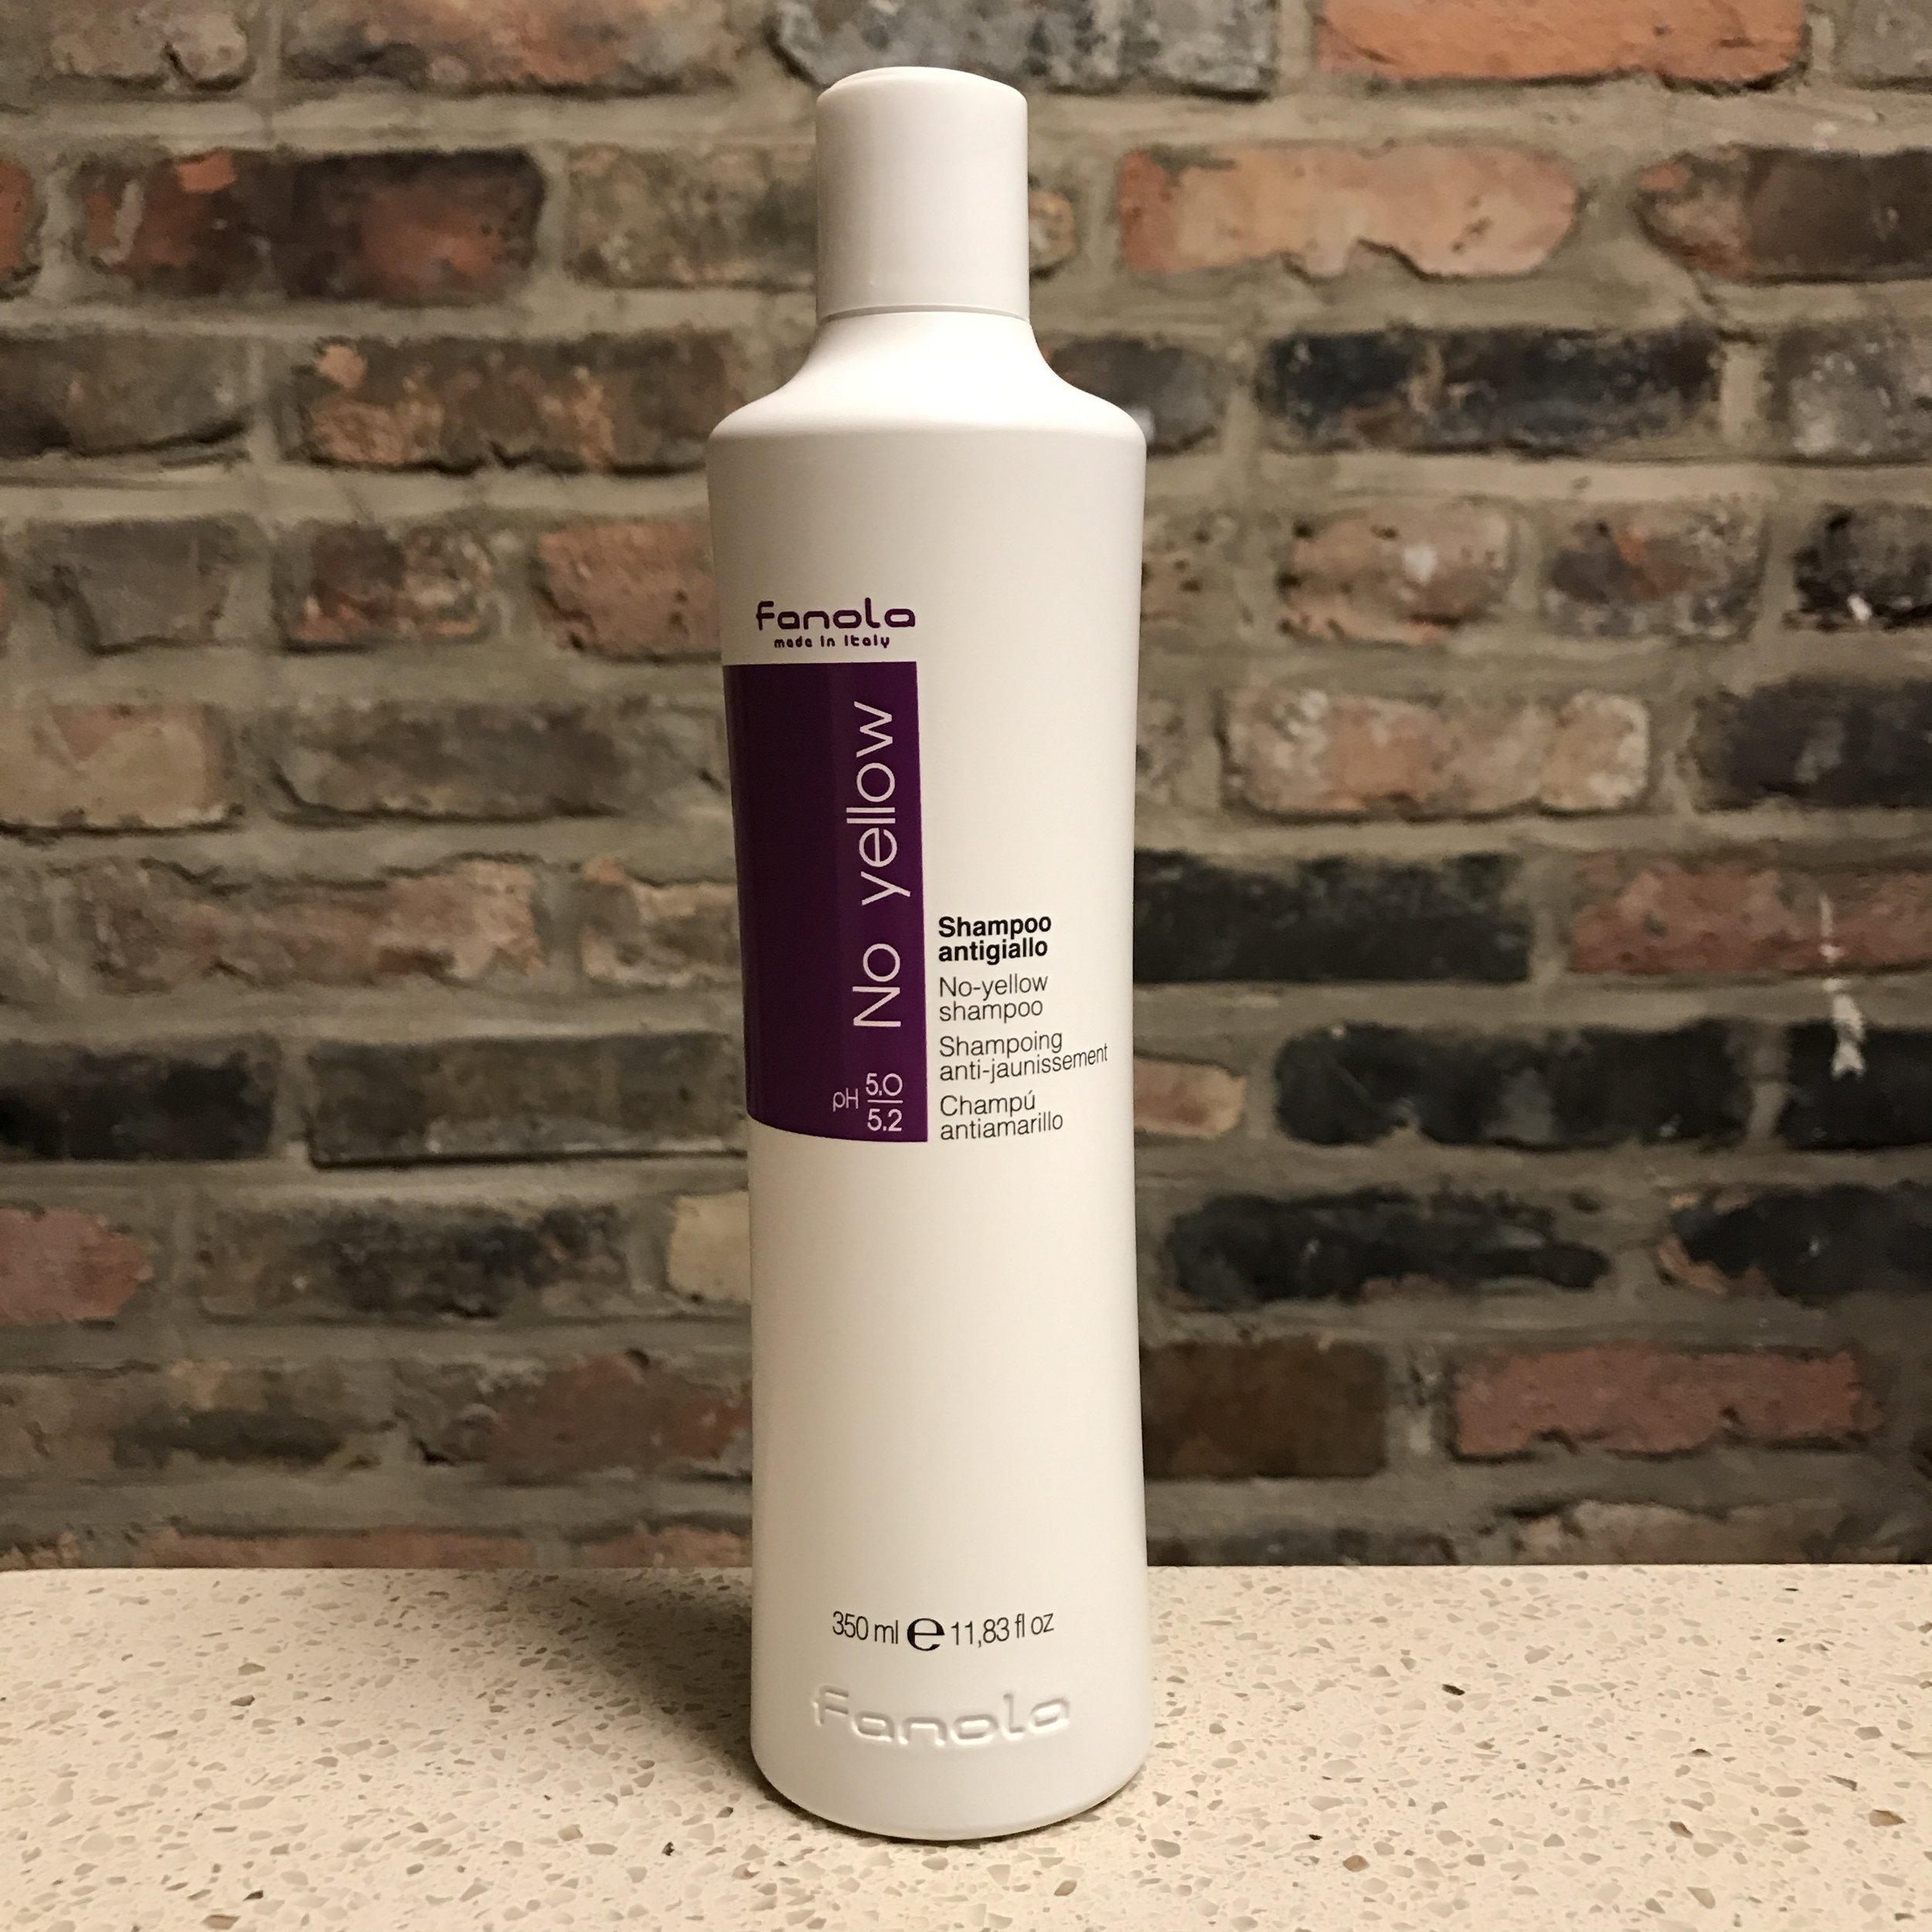 Fanola No Yellow Shampoo ($42)